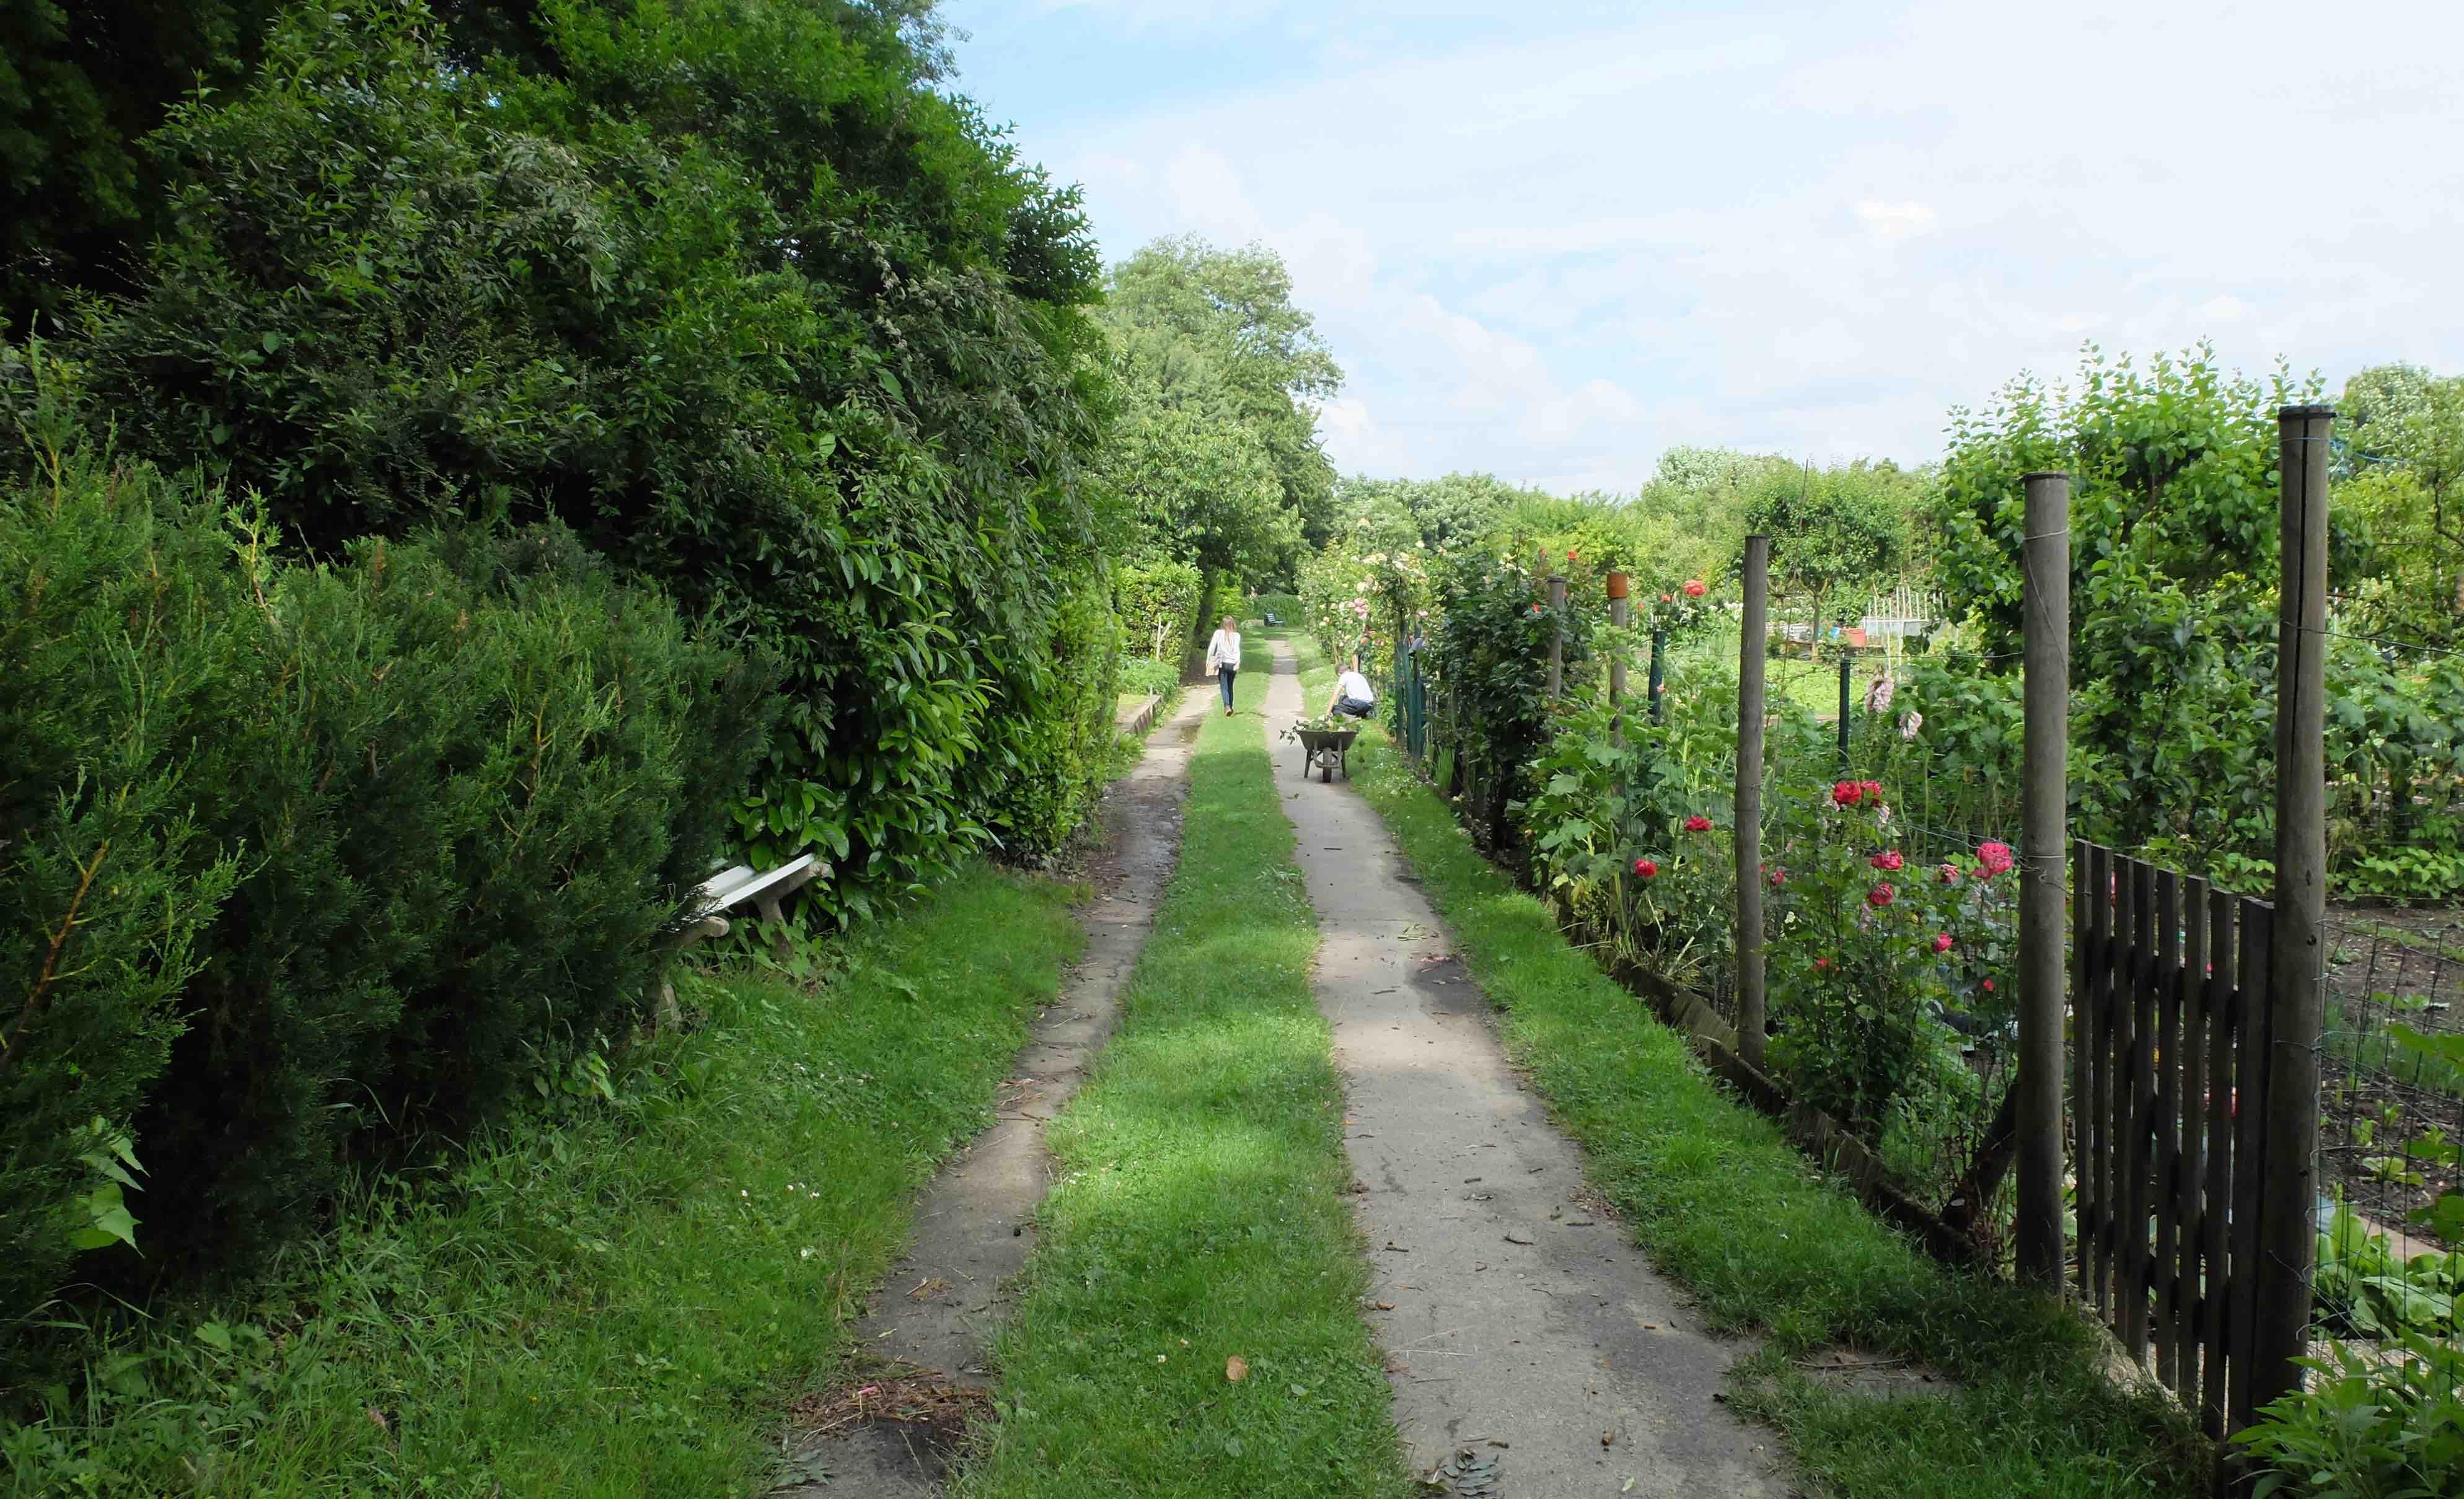 Route de jardin datant